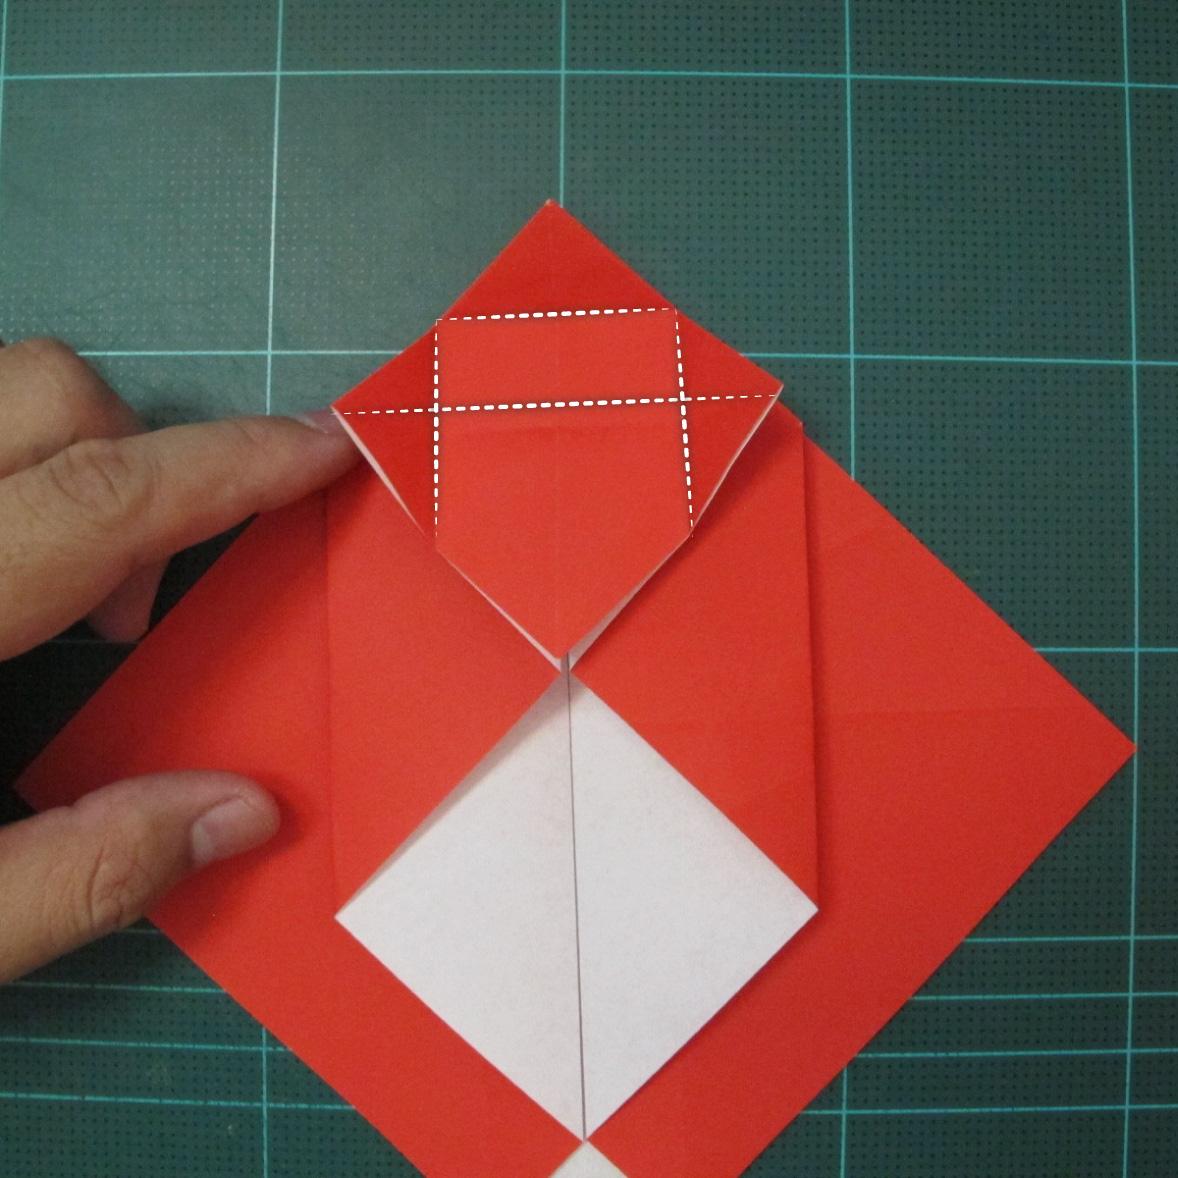 การพับกระดาษเป็นรูปสัตว์ประหลาดก็อตซิล่า (Origami Gozzila) 013